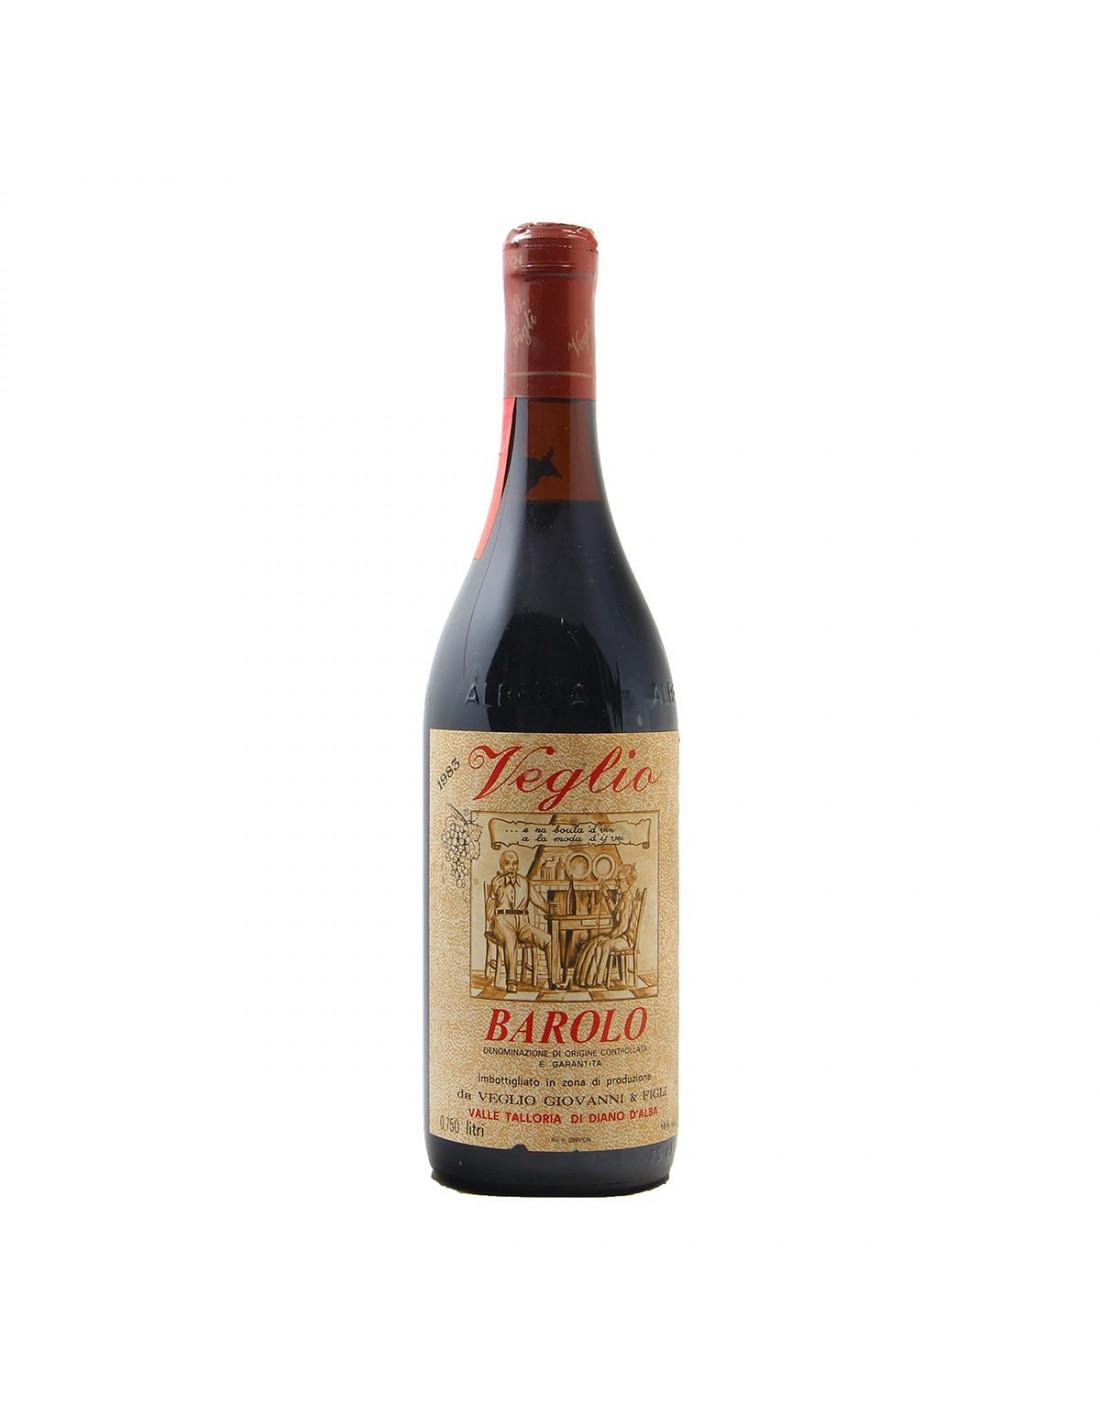 BAROLO 1983 VEGLIO GIOVANNI Grandi Bottiglie